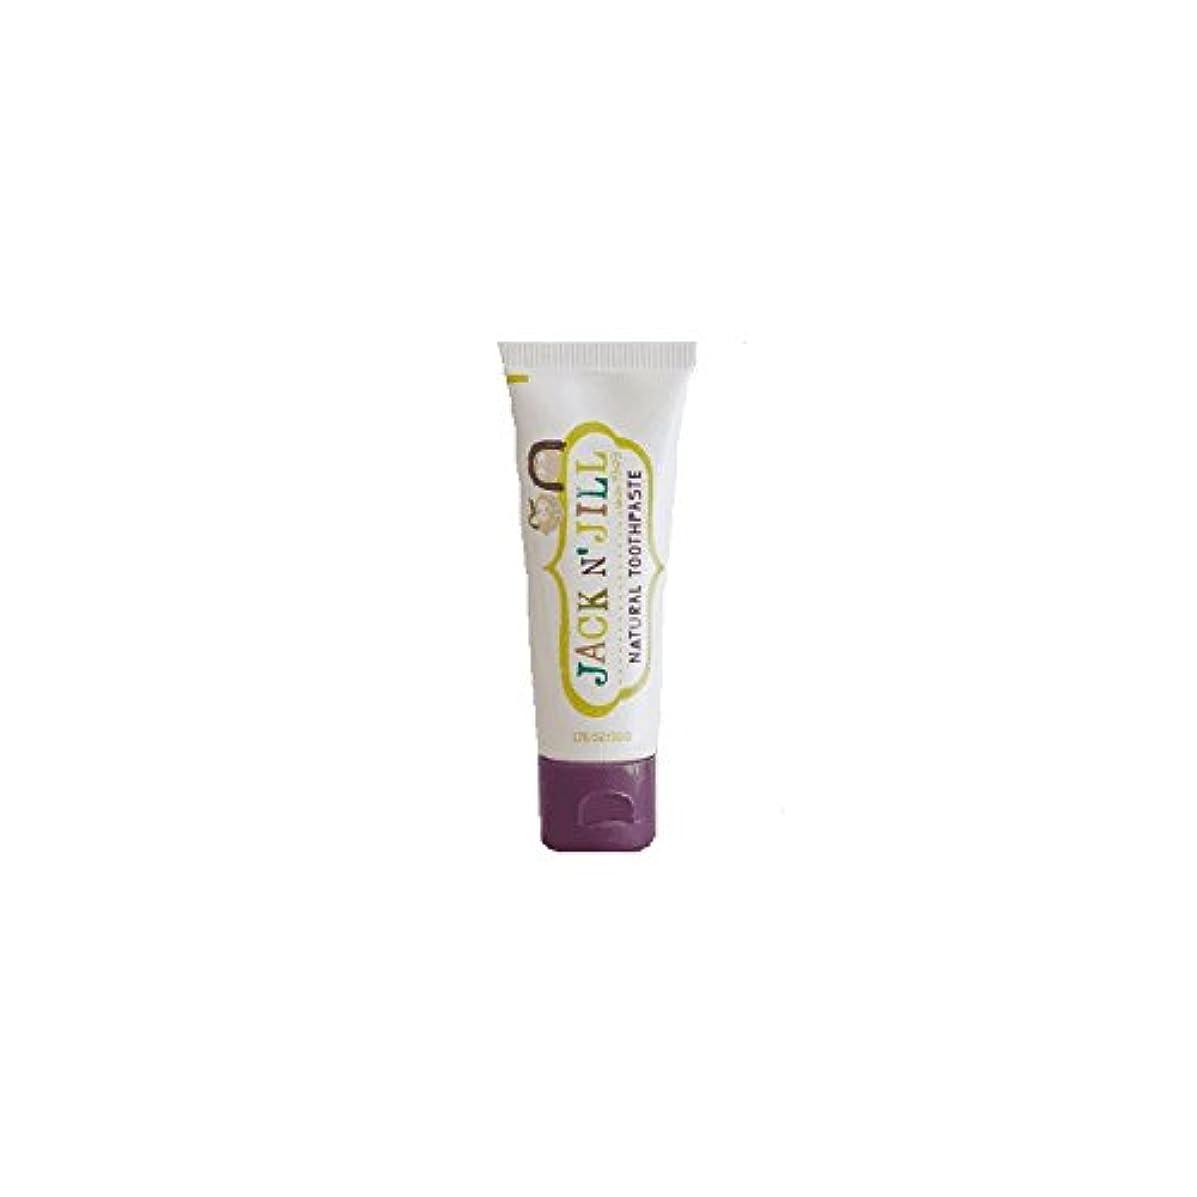 ダニ一時解雇する郵便物Jack N' Jill Natural Toothpaste Organic Blackcurrant 50g (Pack of 2) - ジャックN 'はジルの天然歯磨き粉有機ブラックカラント50グラム (x2) [並行輸入品]